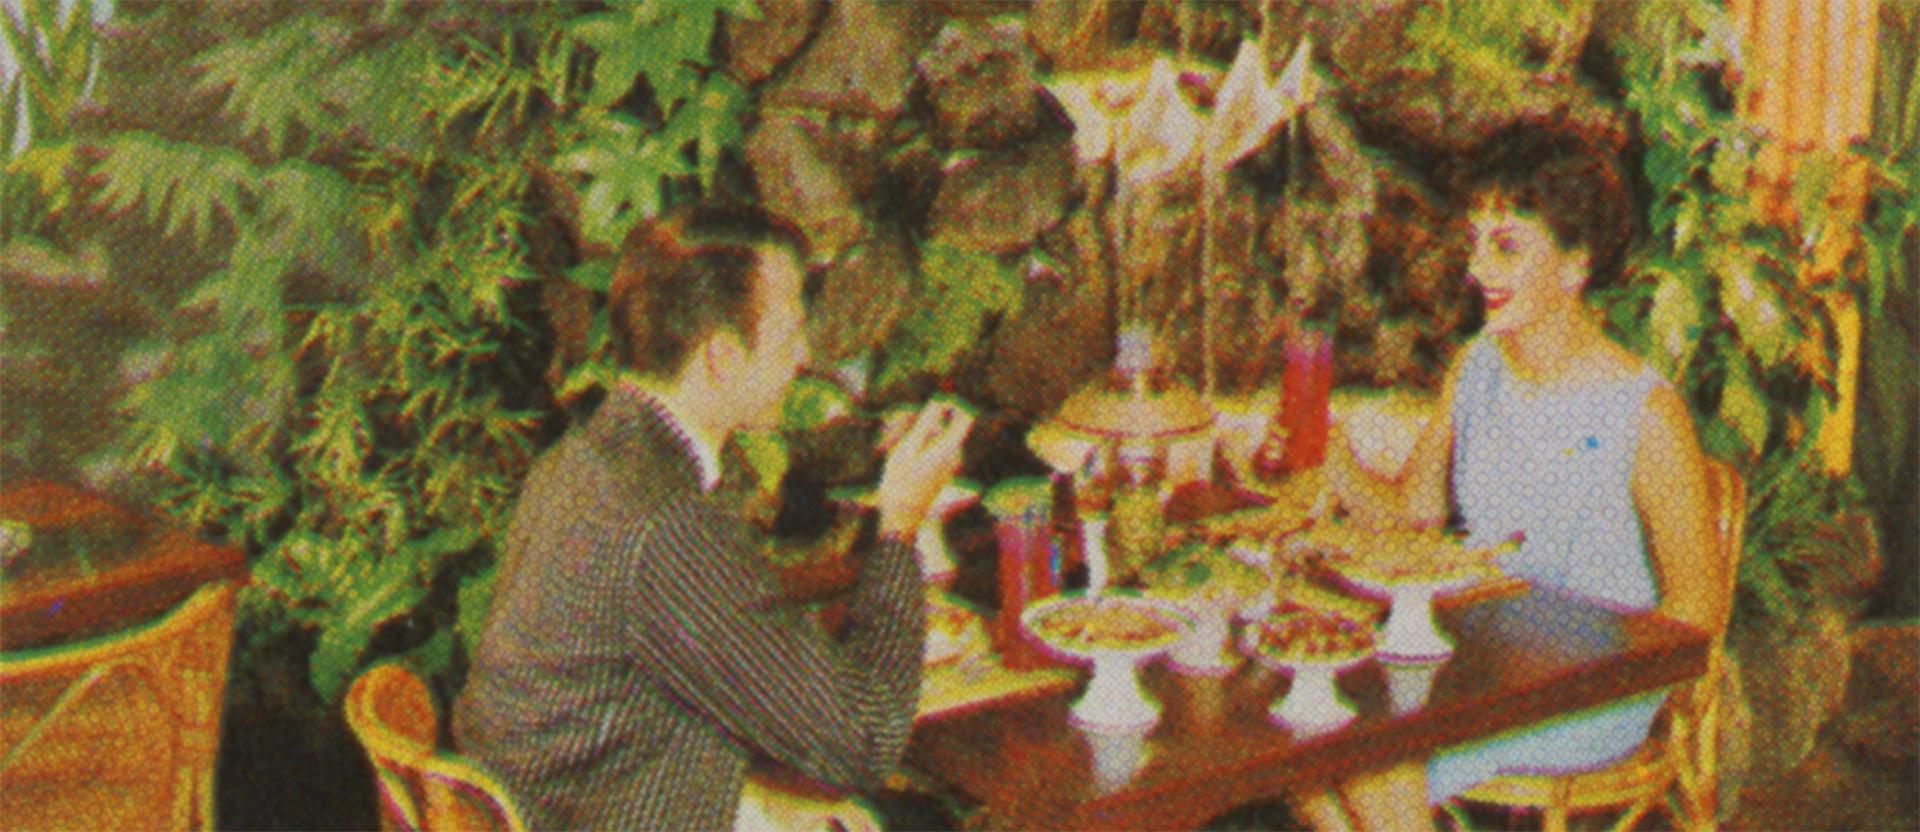 Luau Room, Hotel del Coronado, 1962